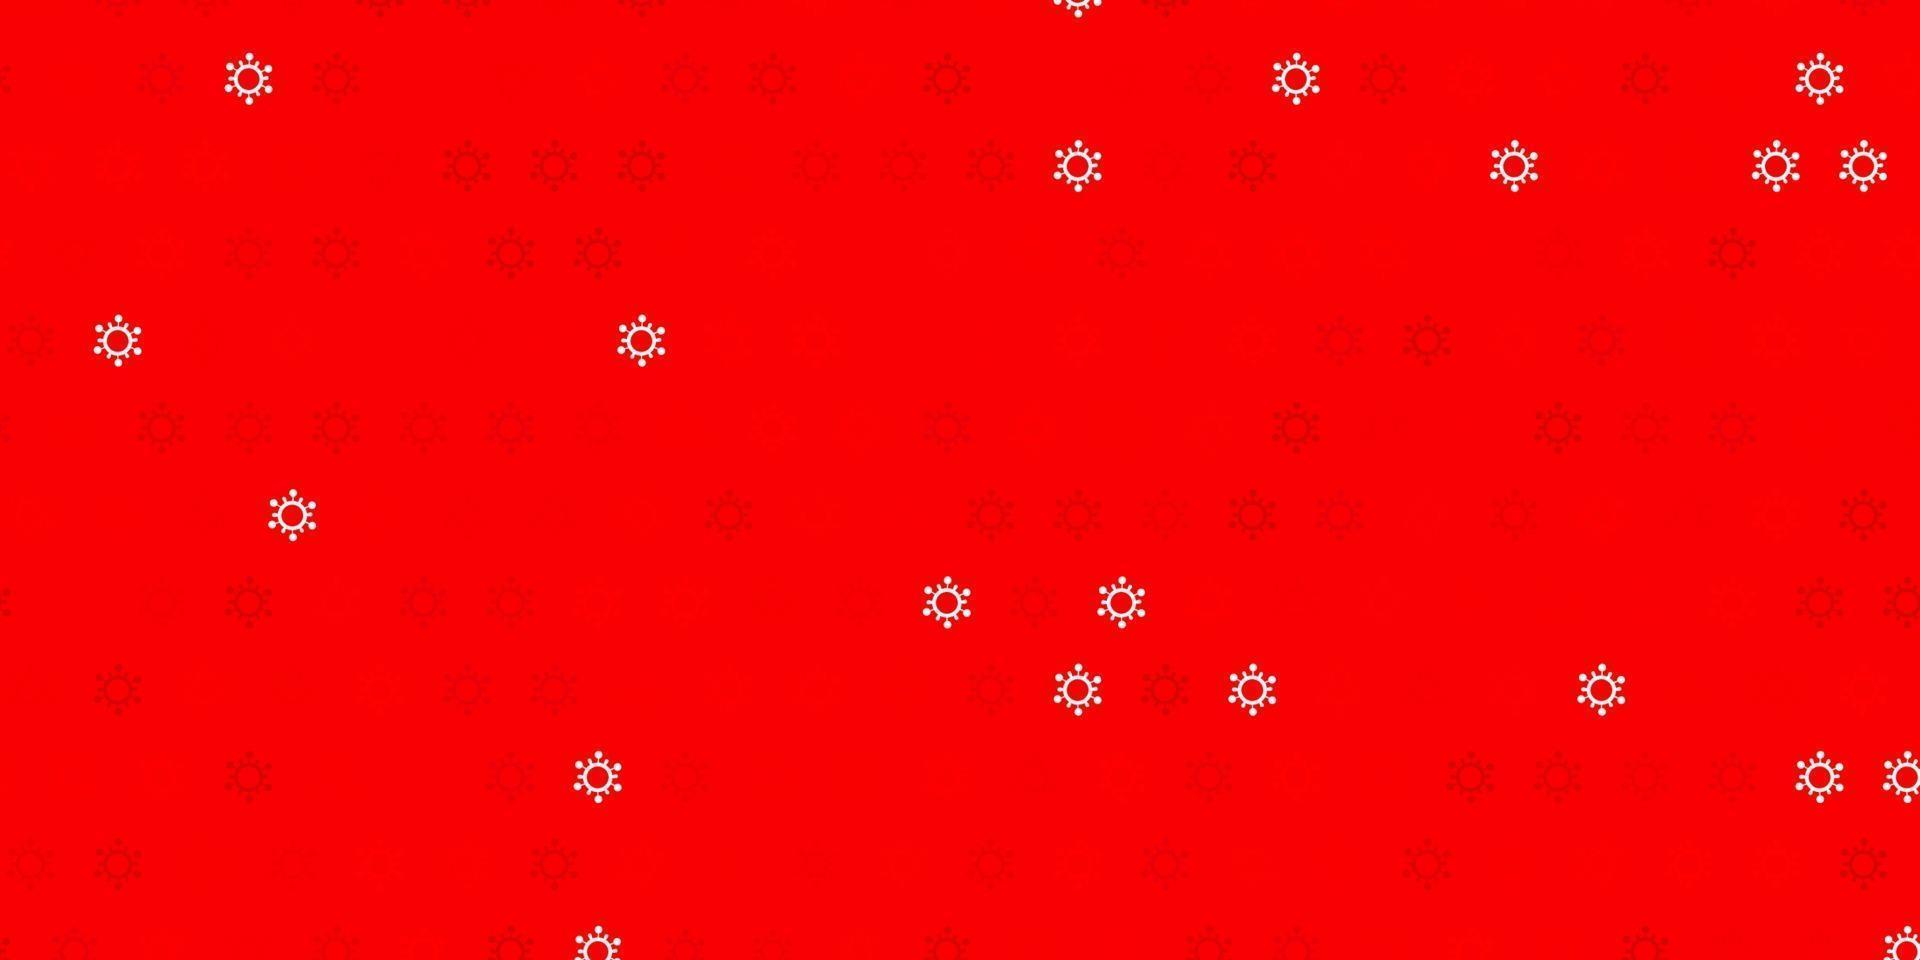 modelo de vetor vermelho claro com sinais de gripe.